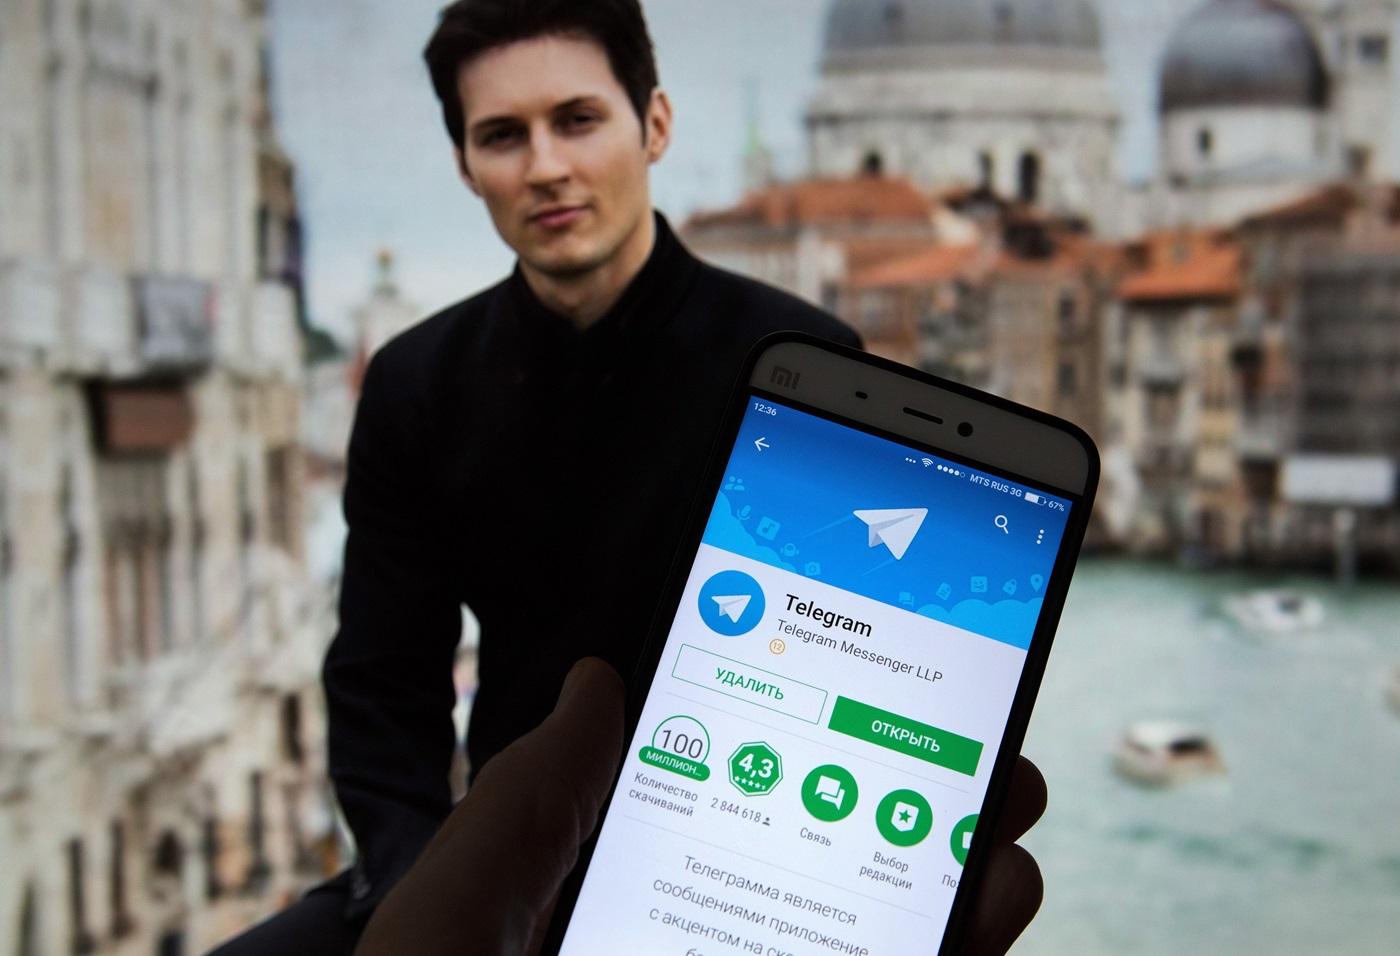 Дуров и Телеграм